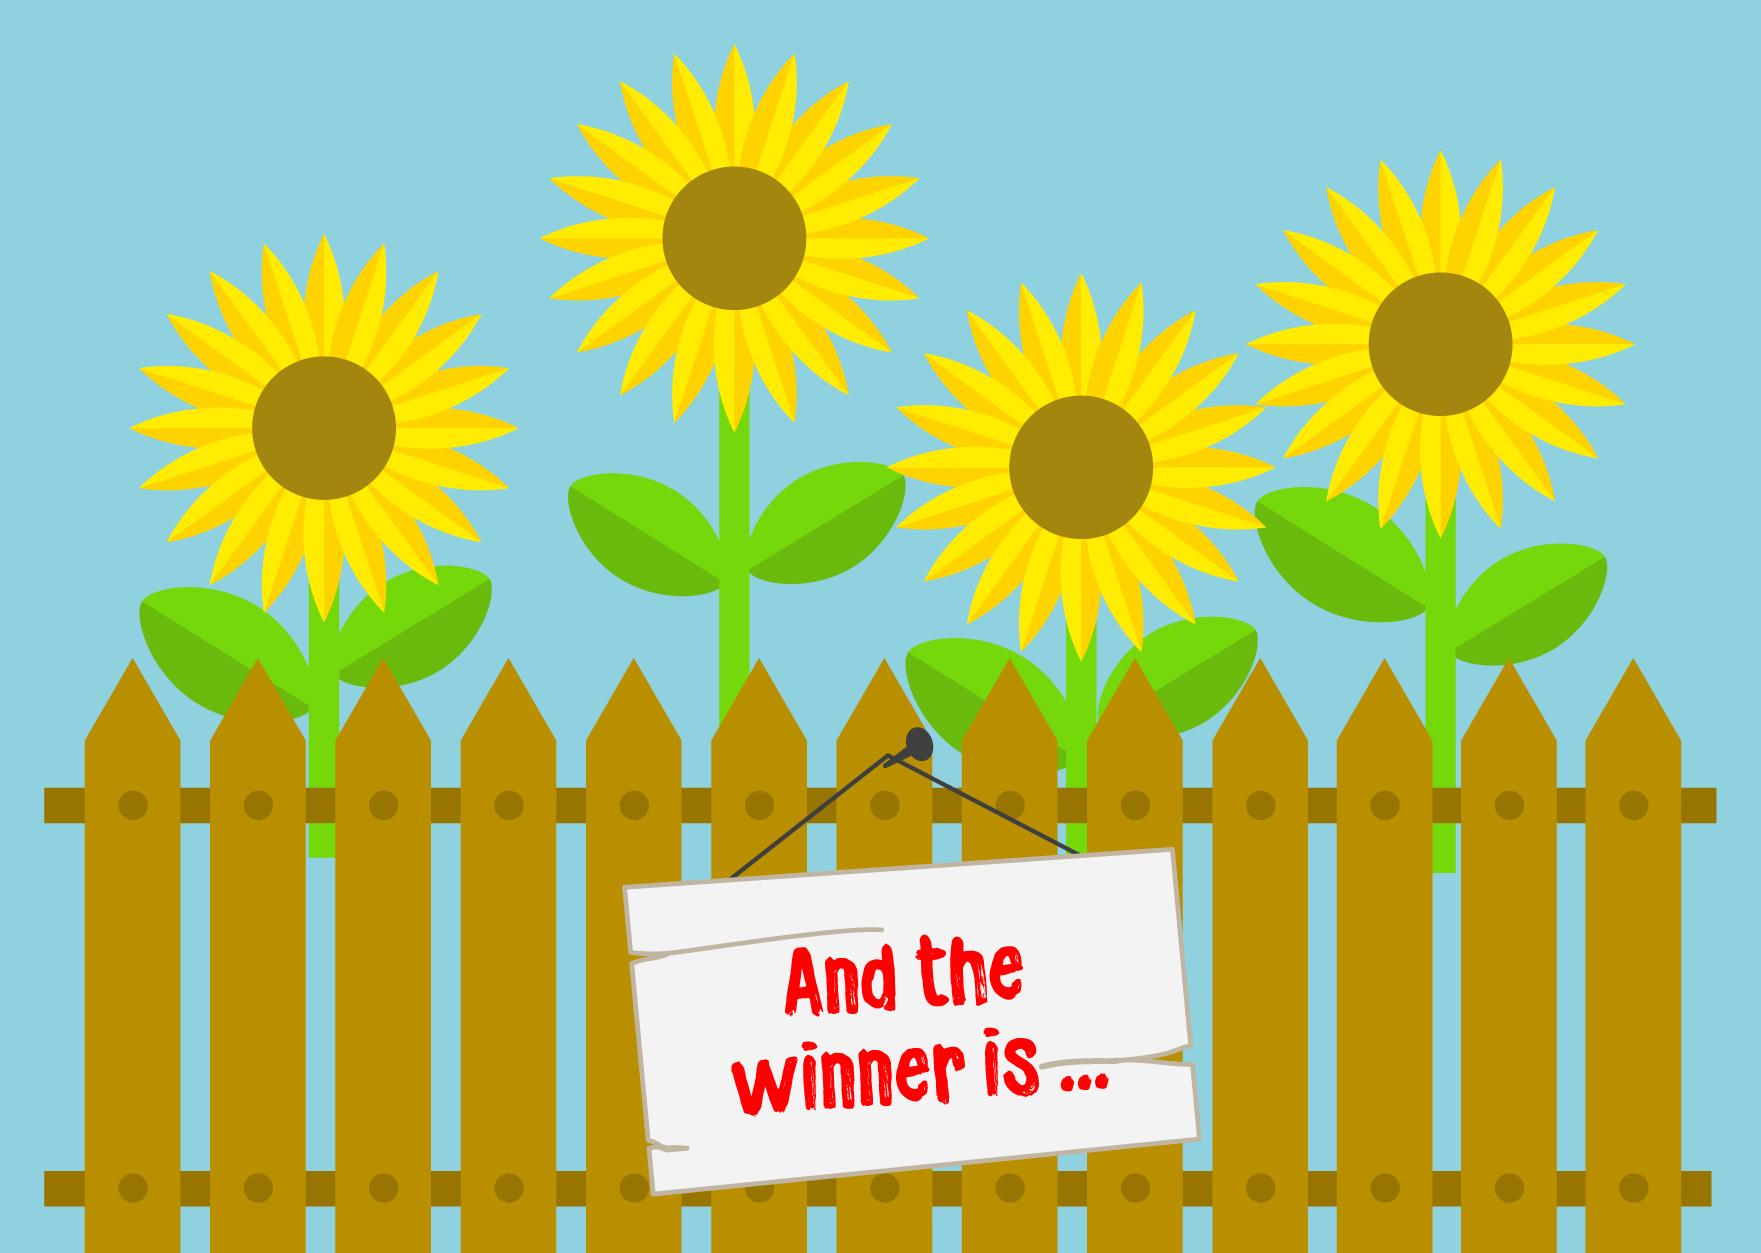 sunflower-winner